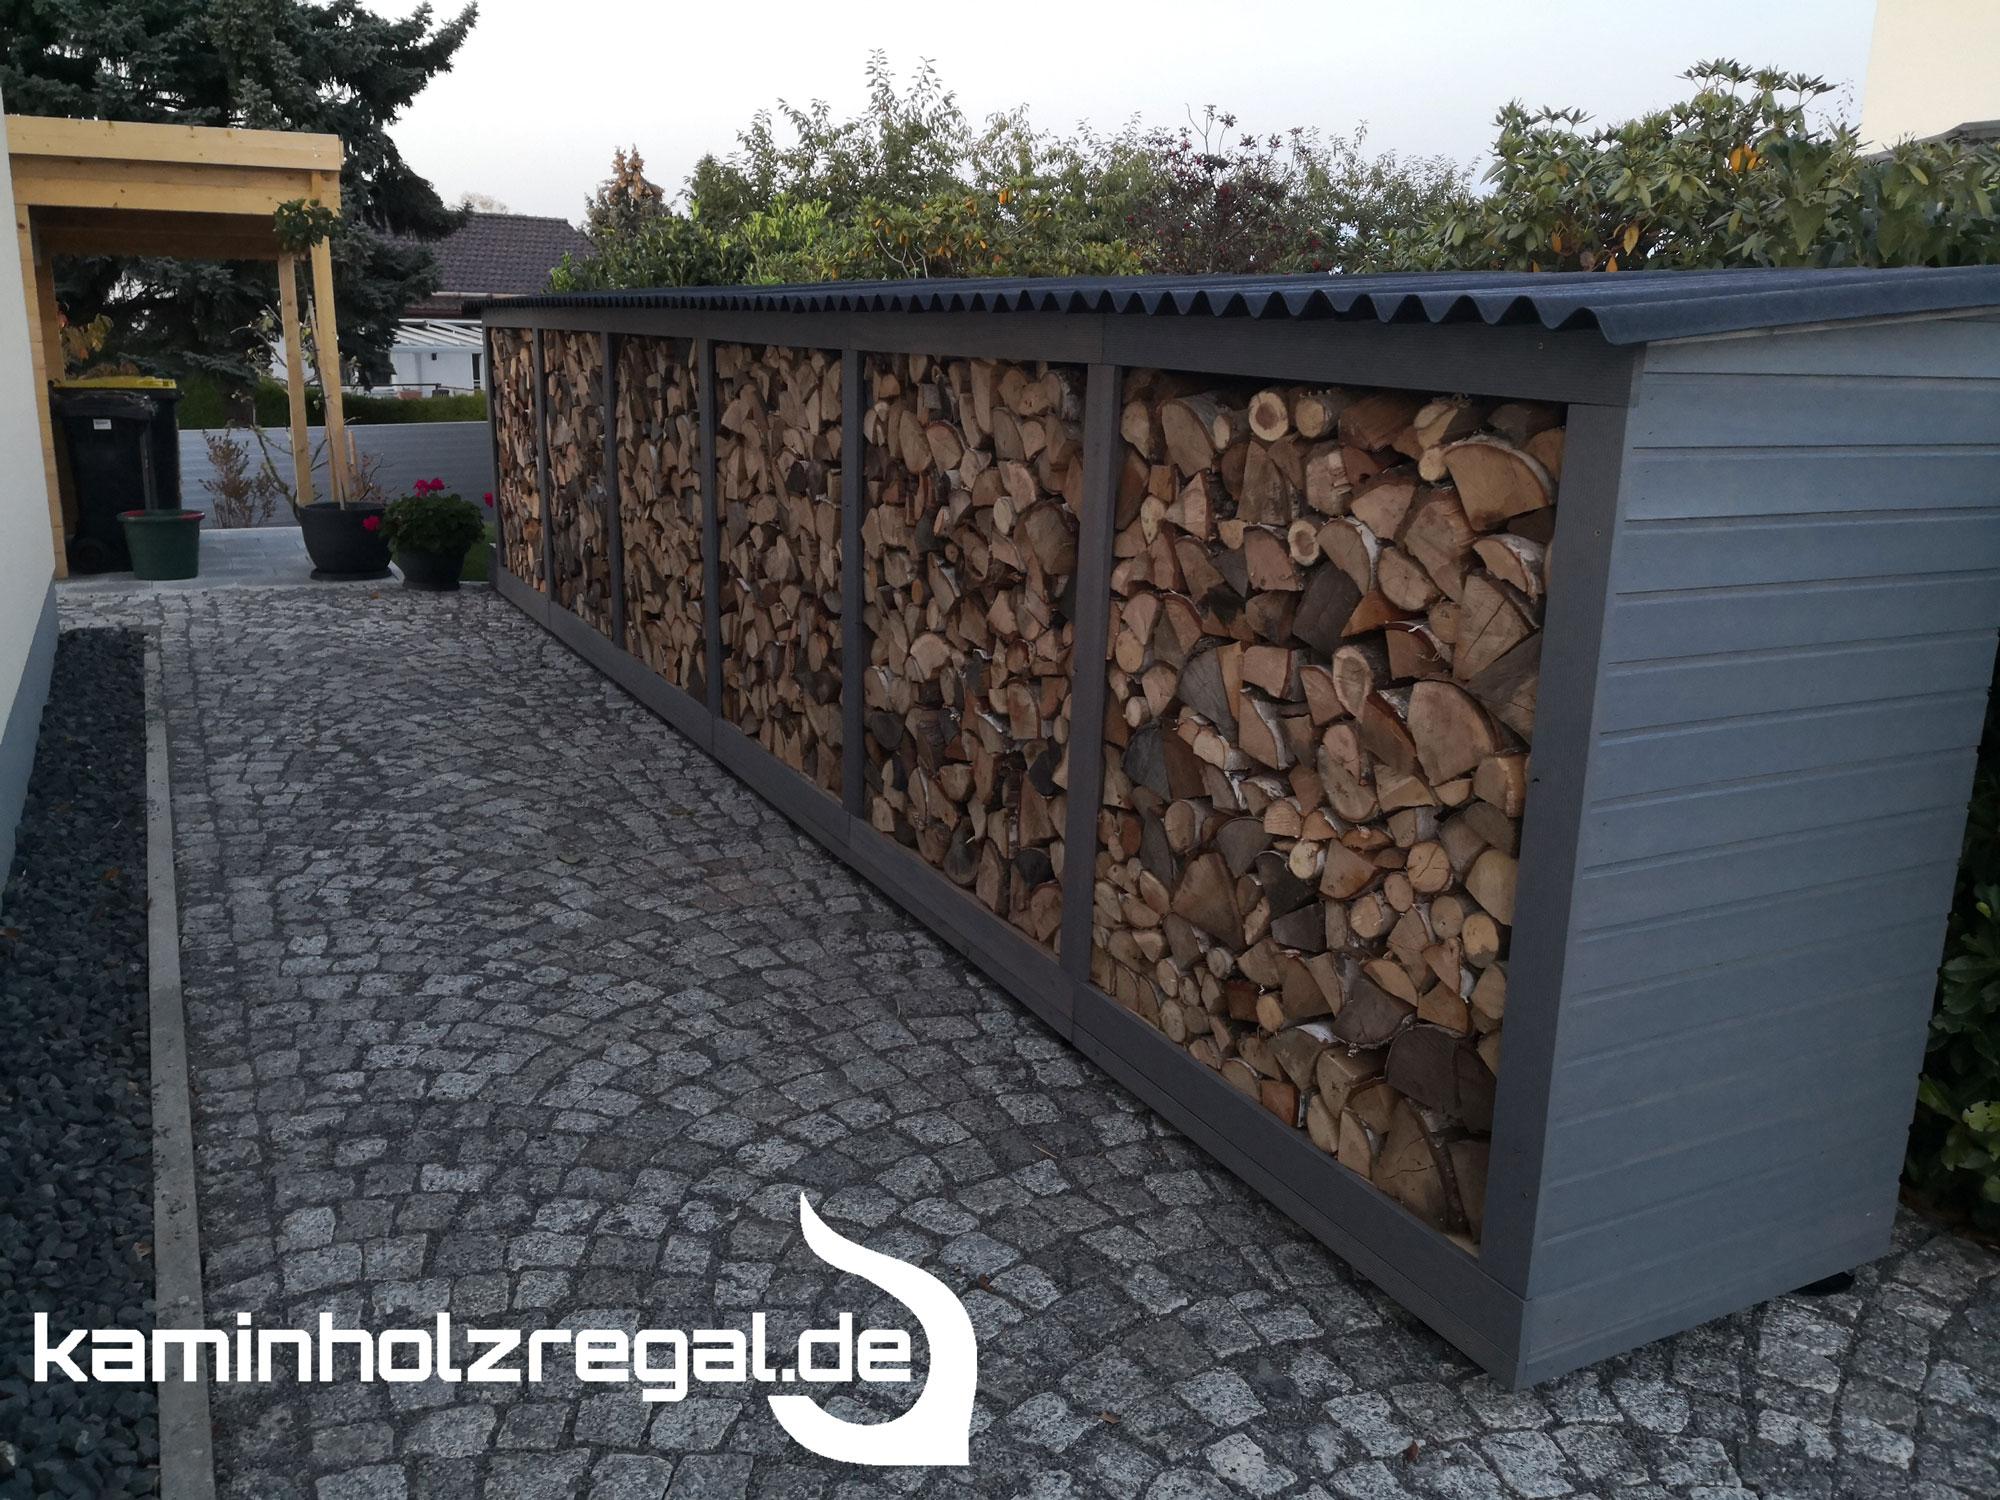 Kaminholzregal_außen_chemnitz